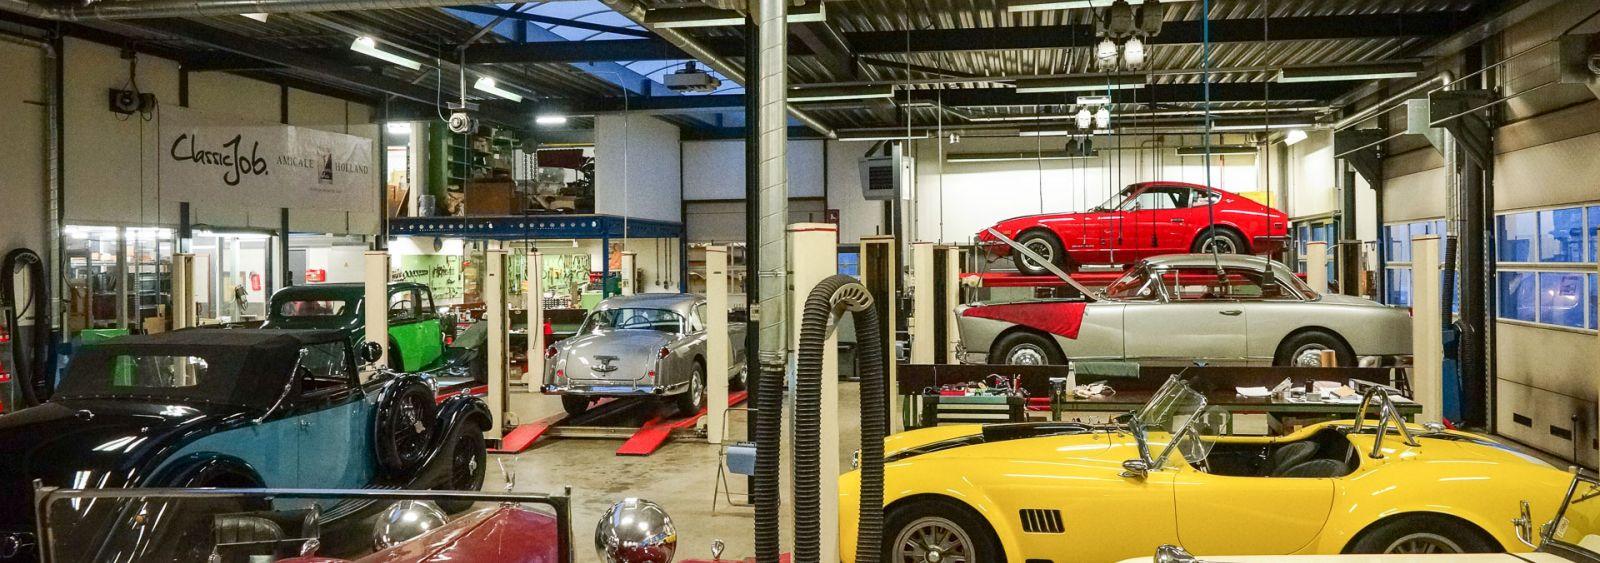 classic automobile repairs & services